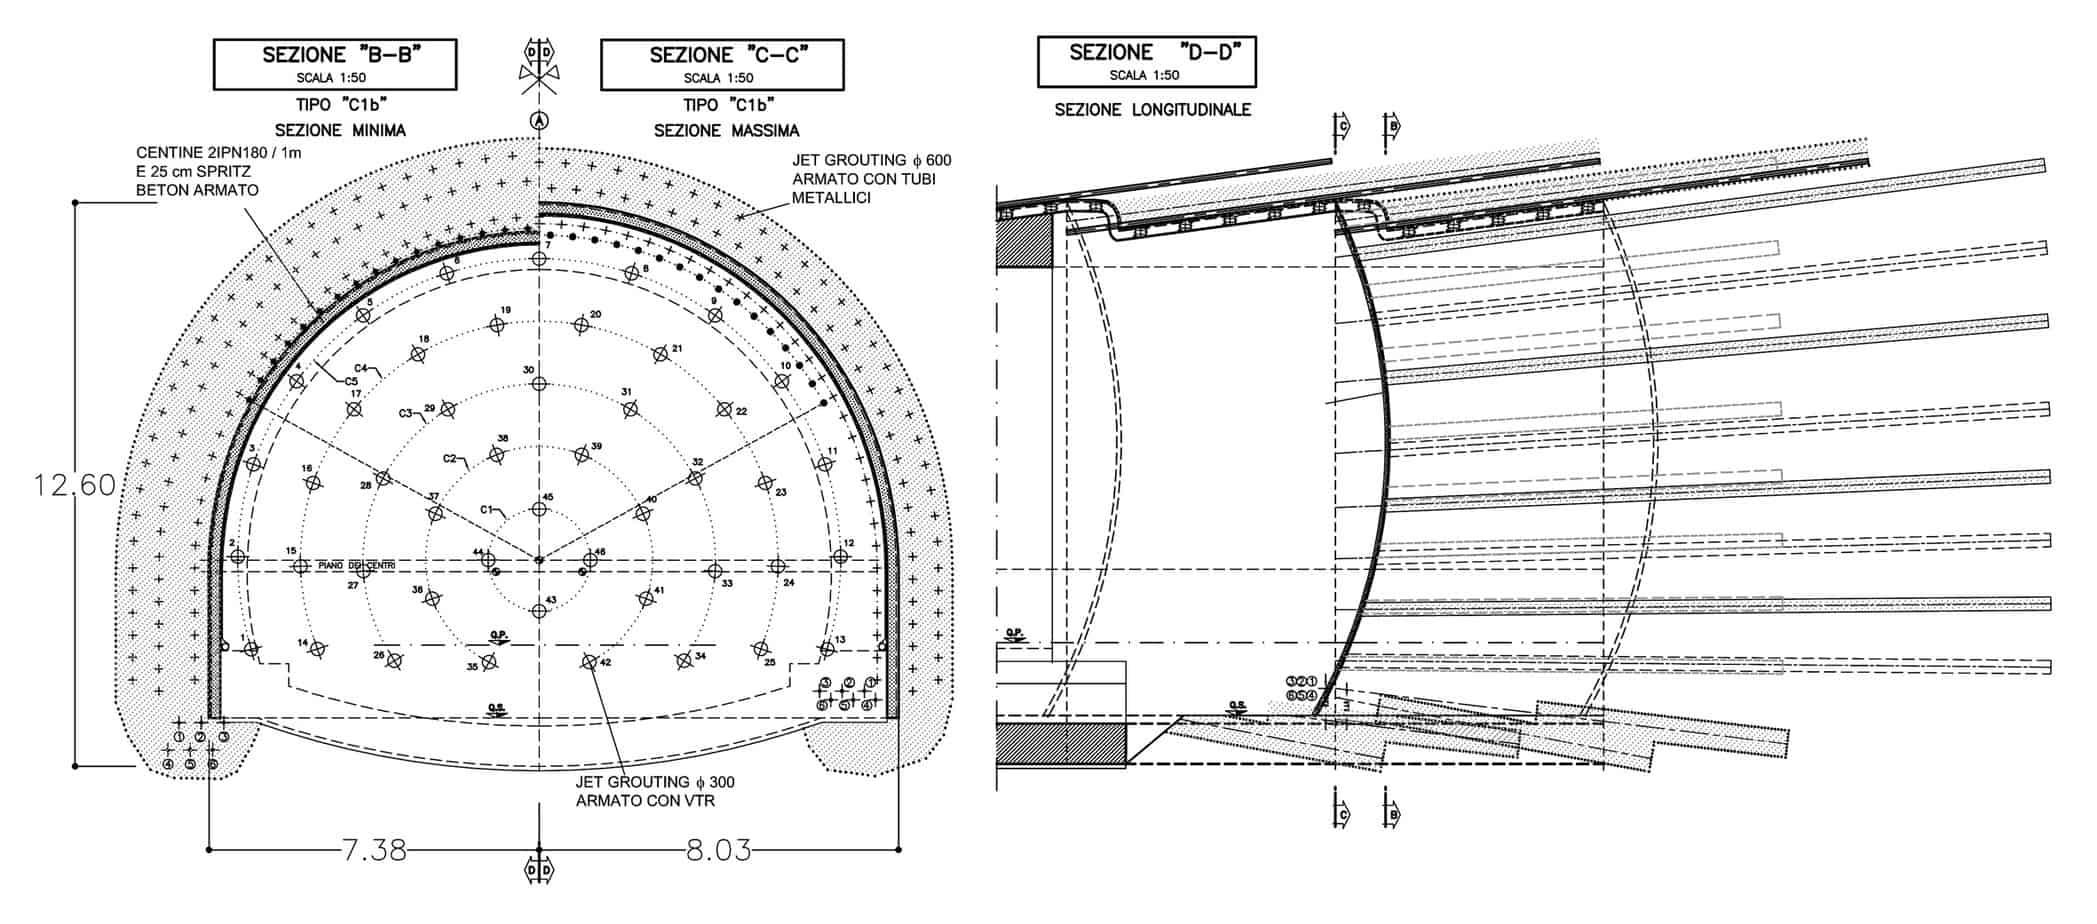 La sezione C1bis di progetto: al contorno, la coronella di colonne jet-grouting del diametro di 600 armate con tubi metallici e, nel nucleo-fronte, le colonne jet-grouting del diametro di 300 armate con elementi strutturali di vetroresina